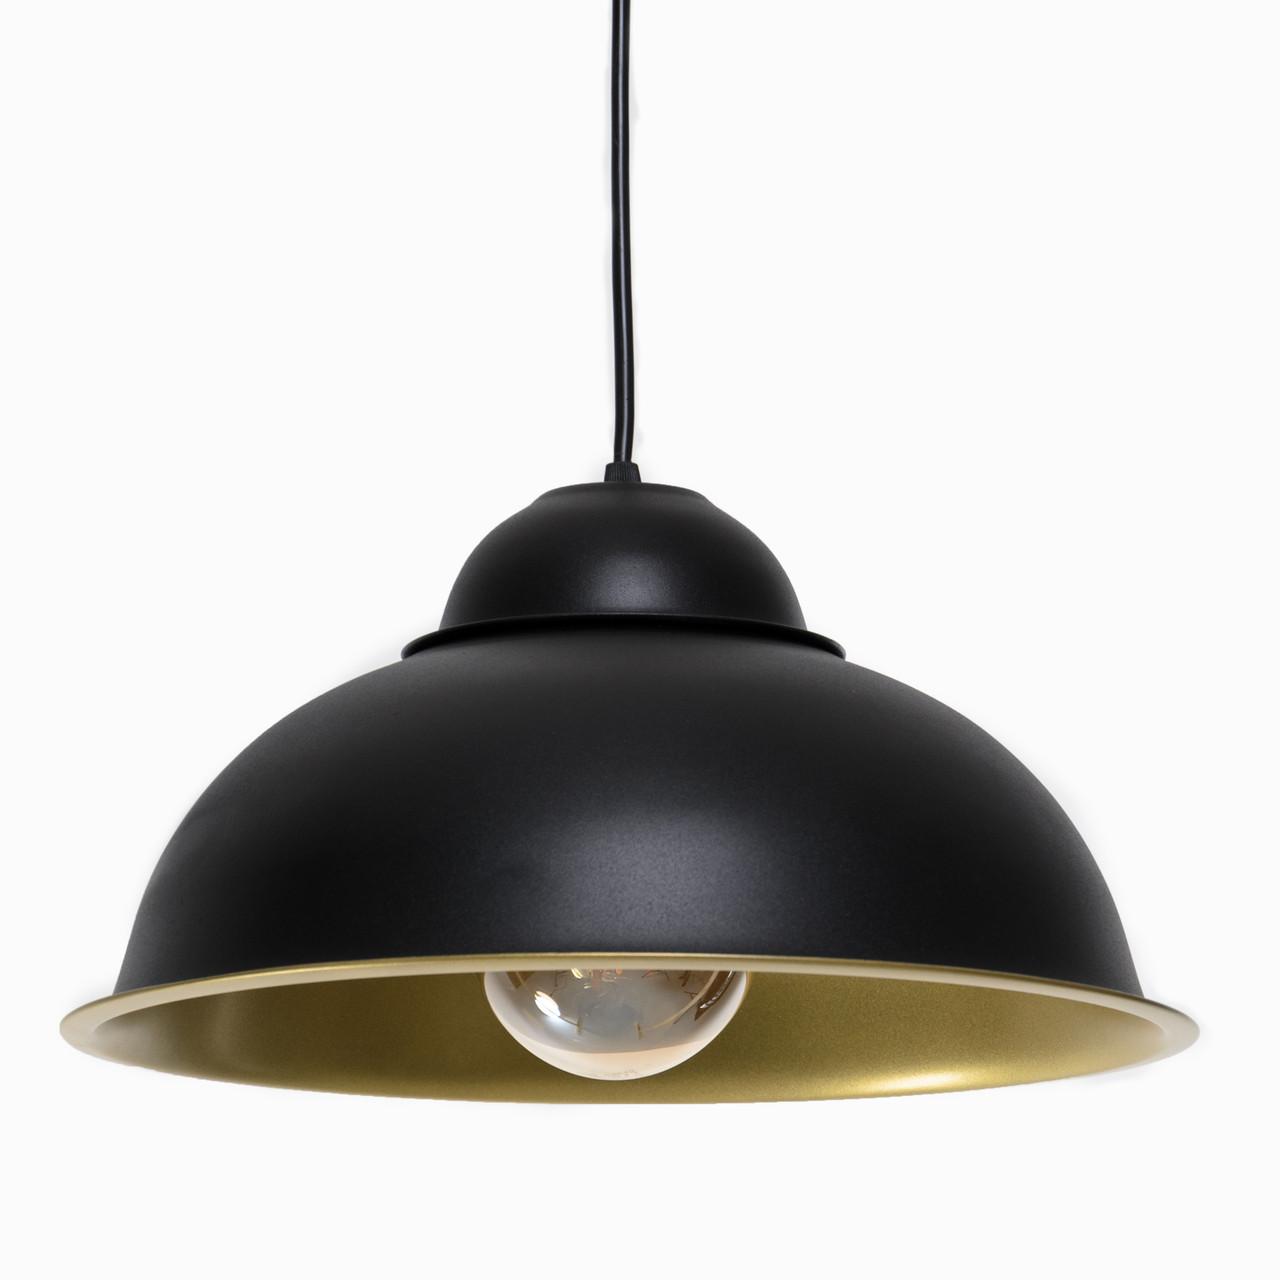 Люстра потолочная Atmolight Bell P360 Черный с золотом (1376)